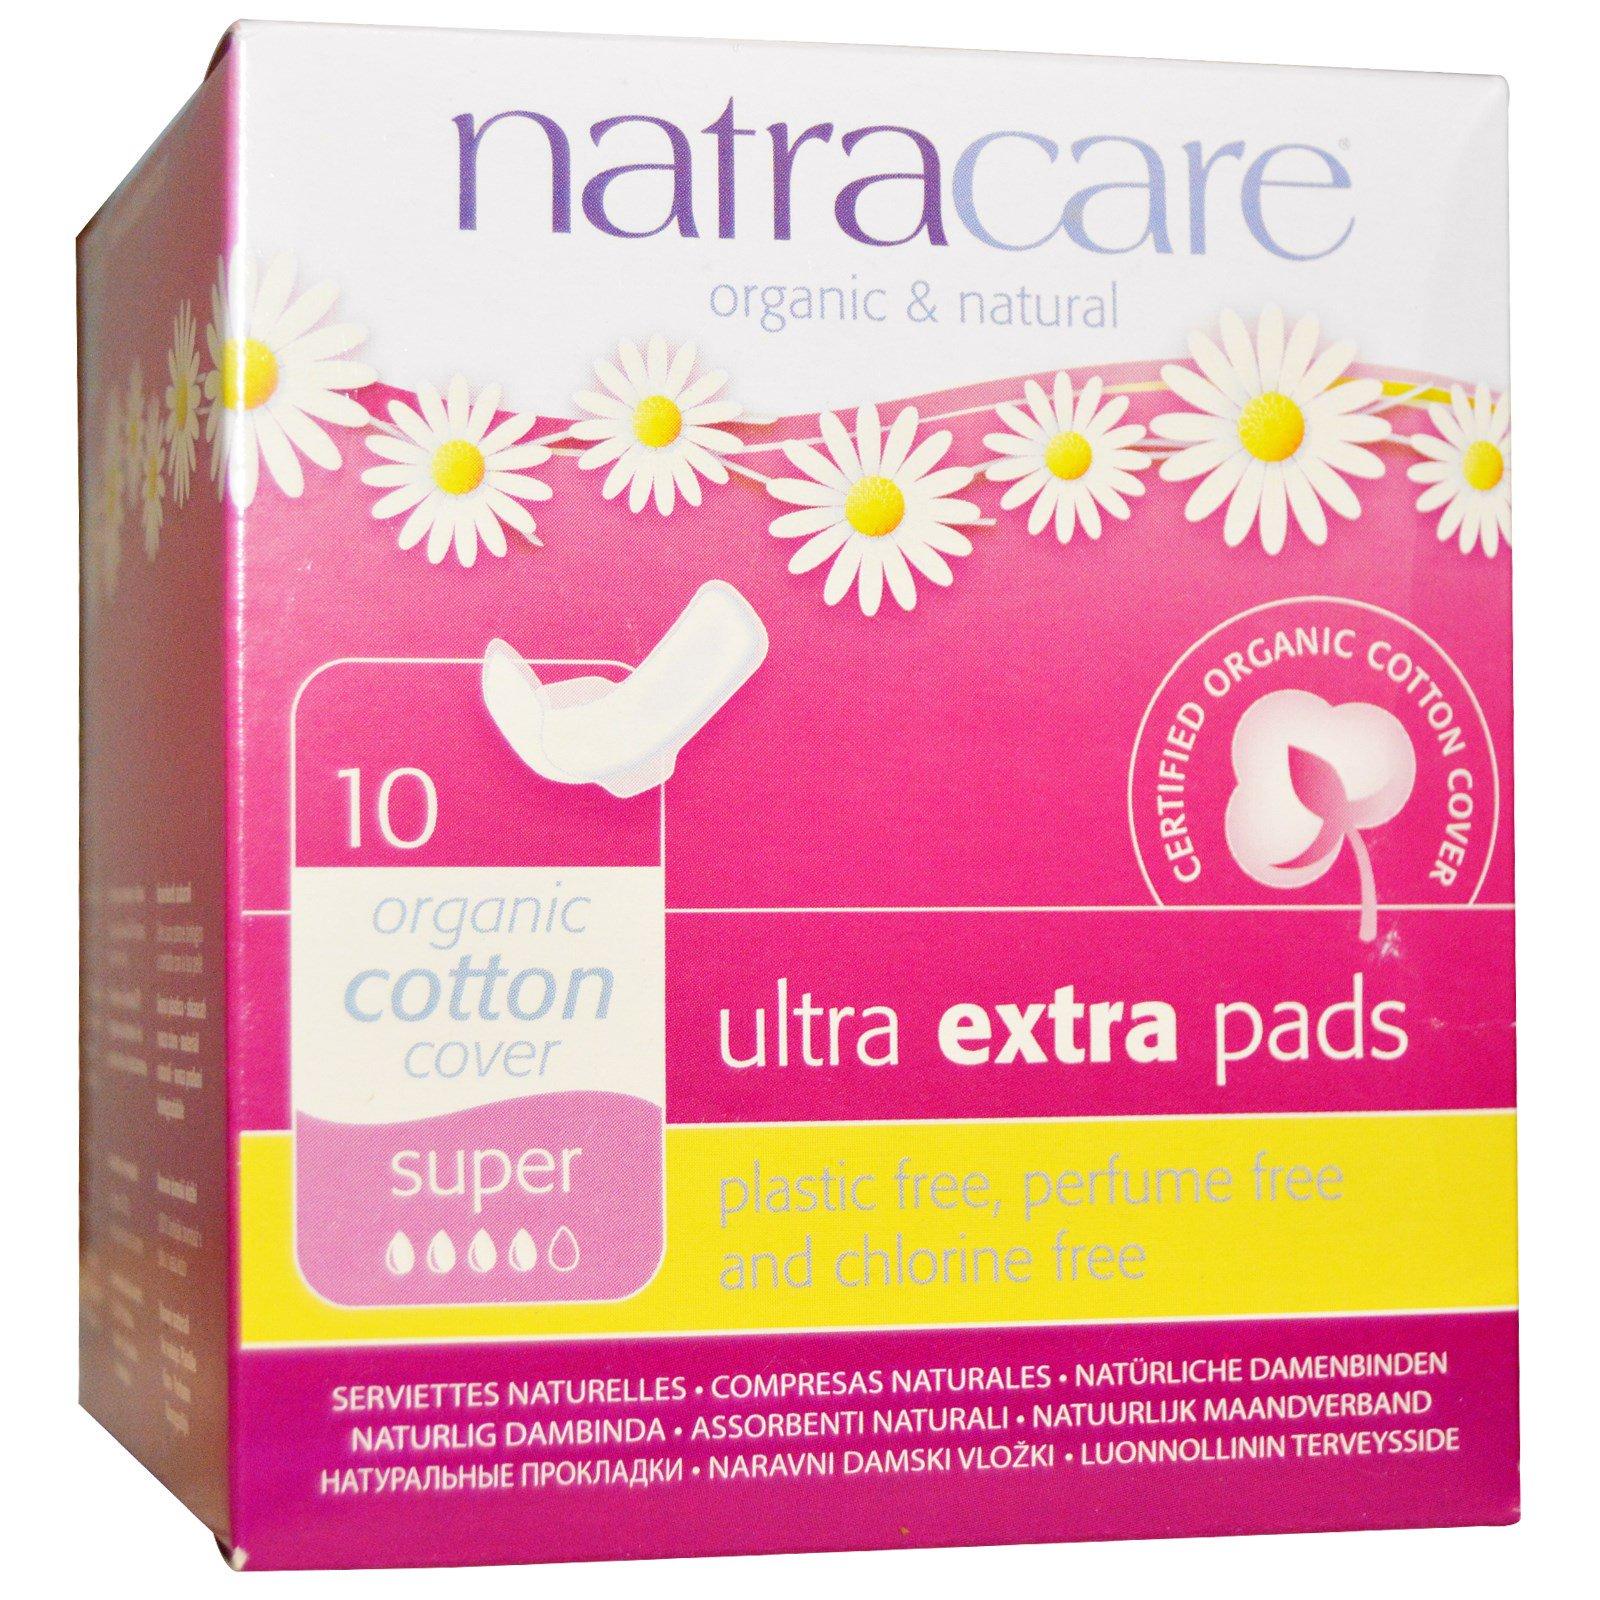 Natracare, Органические и натуральные прокладки Ultra Extra, супер, 10 прокладок